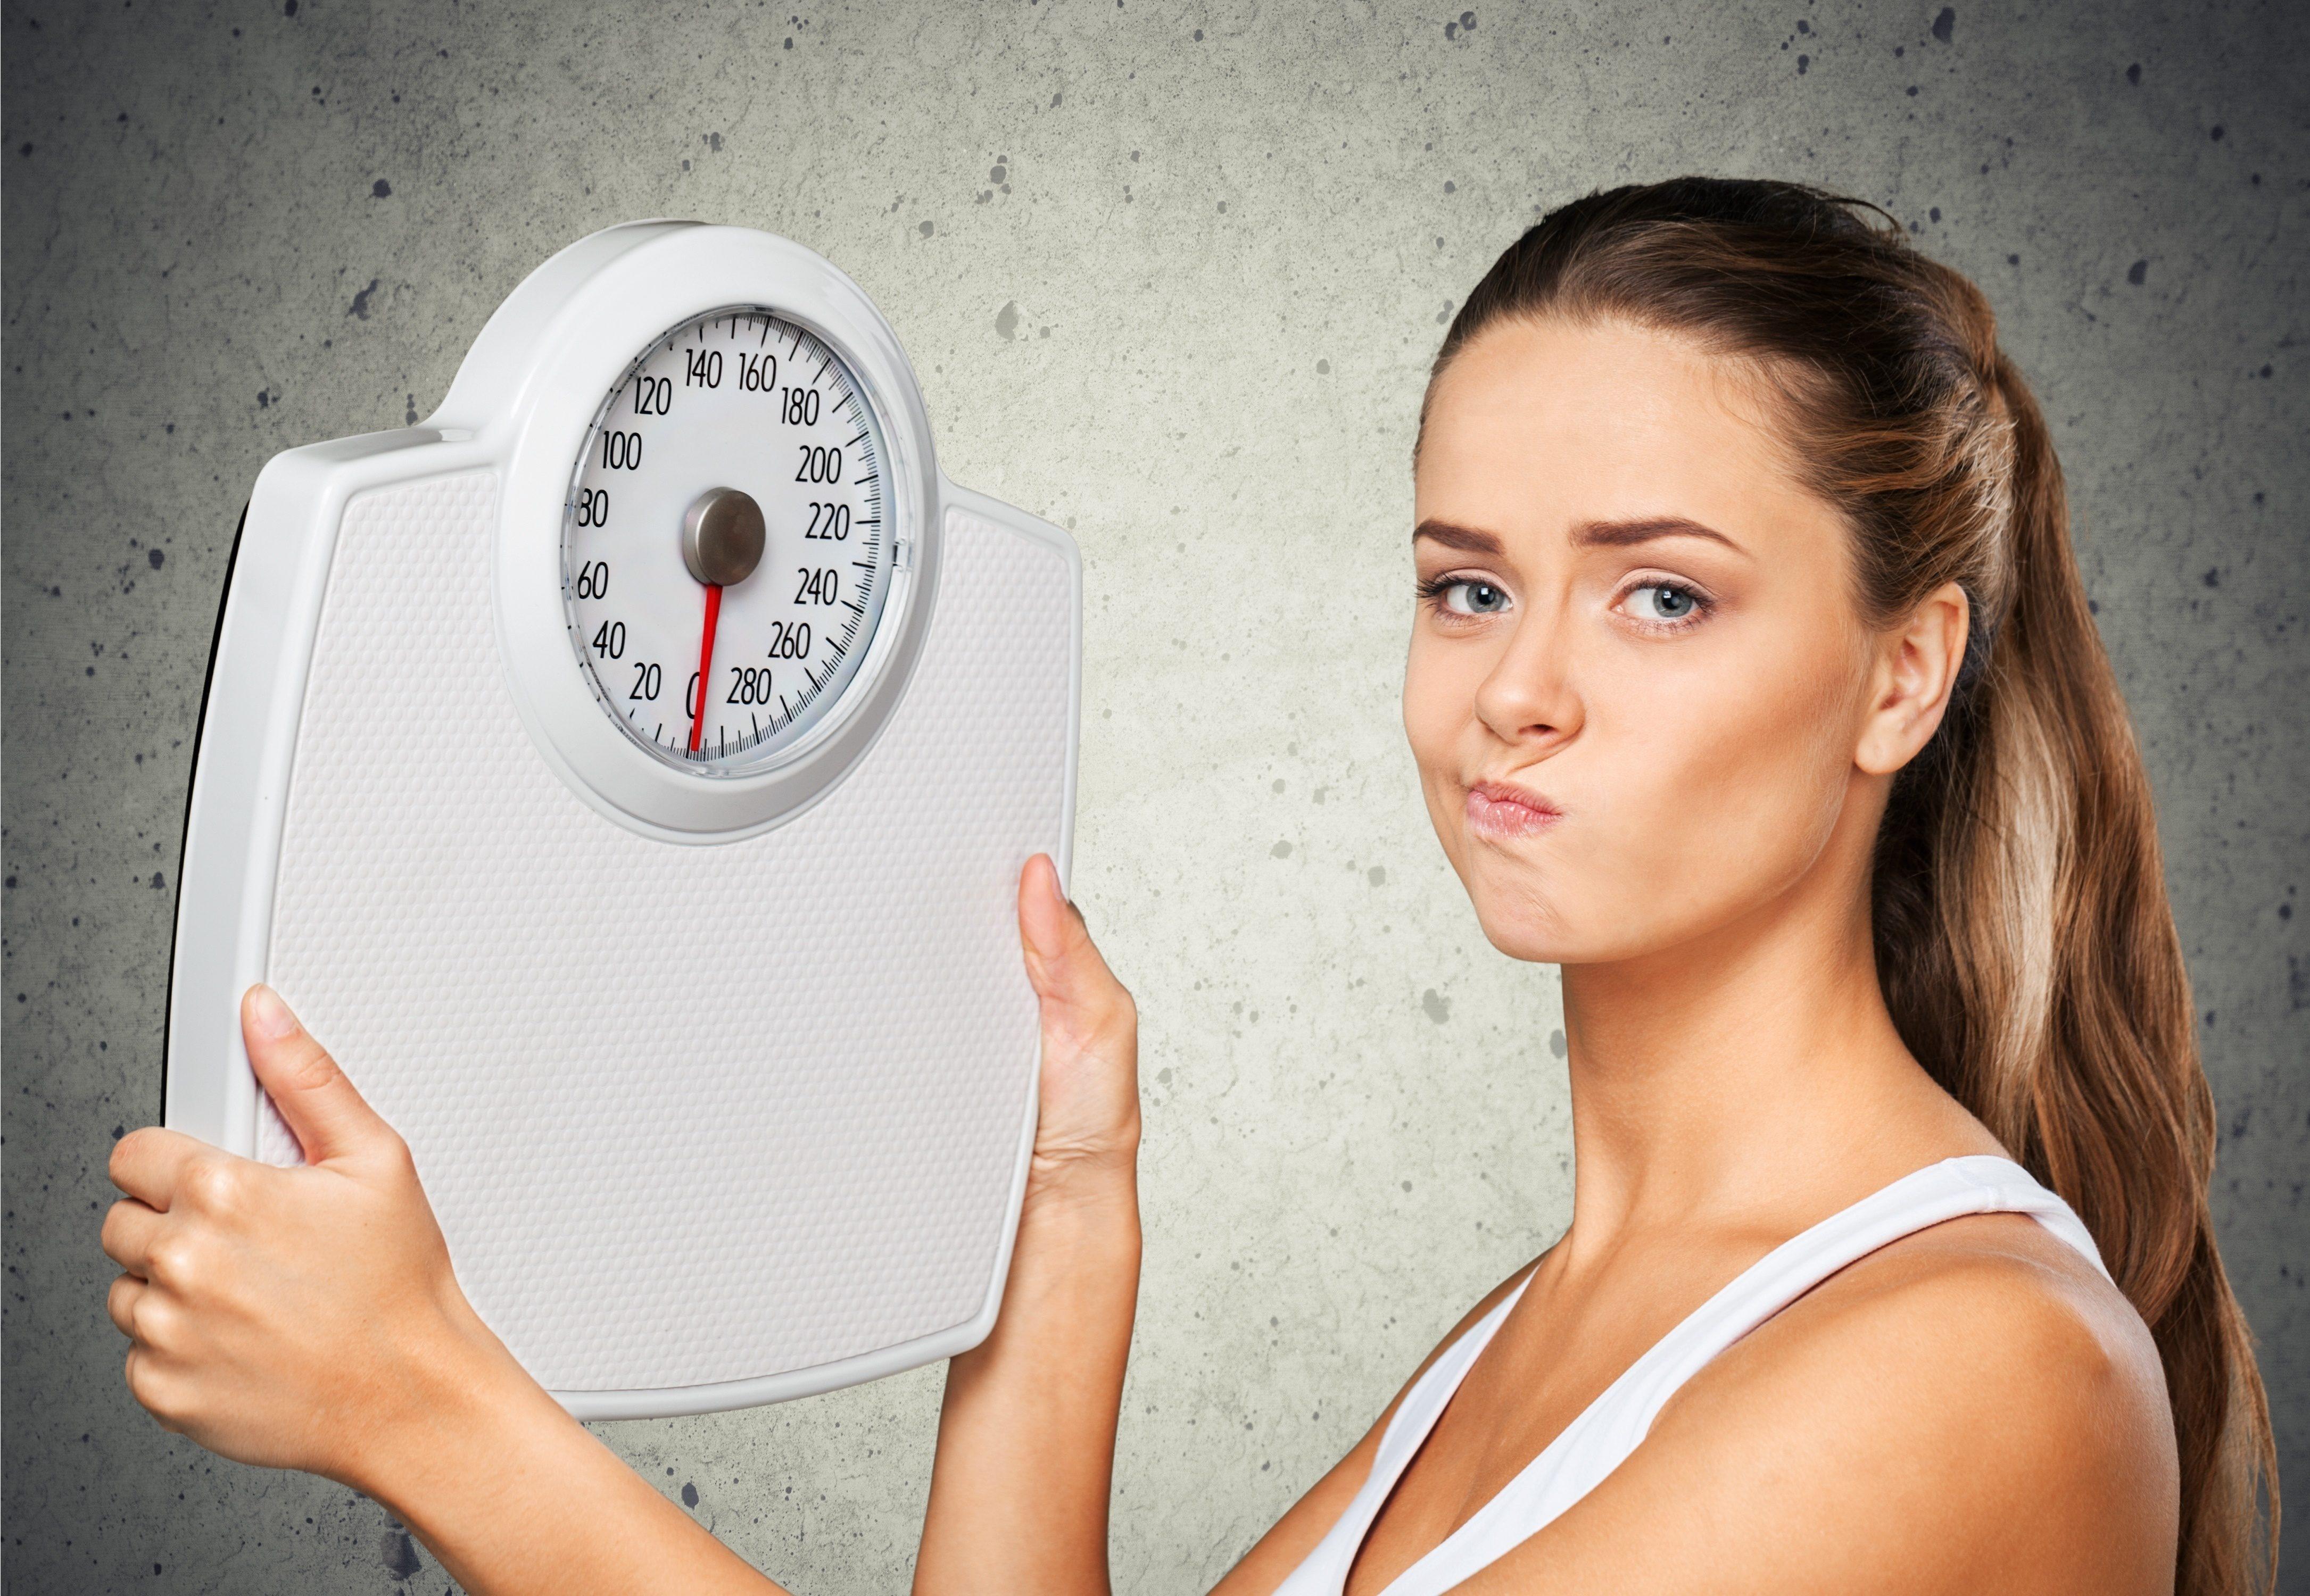 fokozza az anyagcserét a zsírégetés érdekében